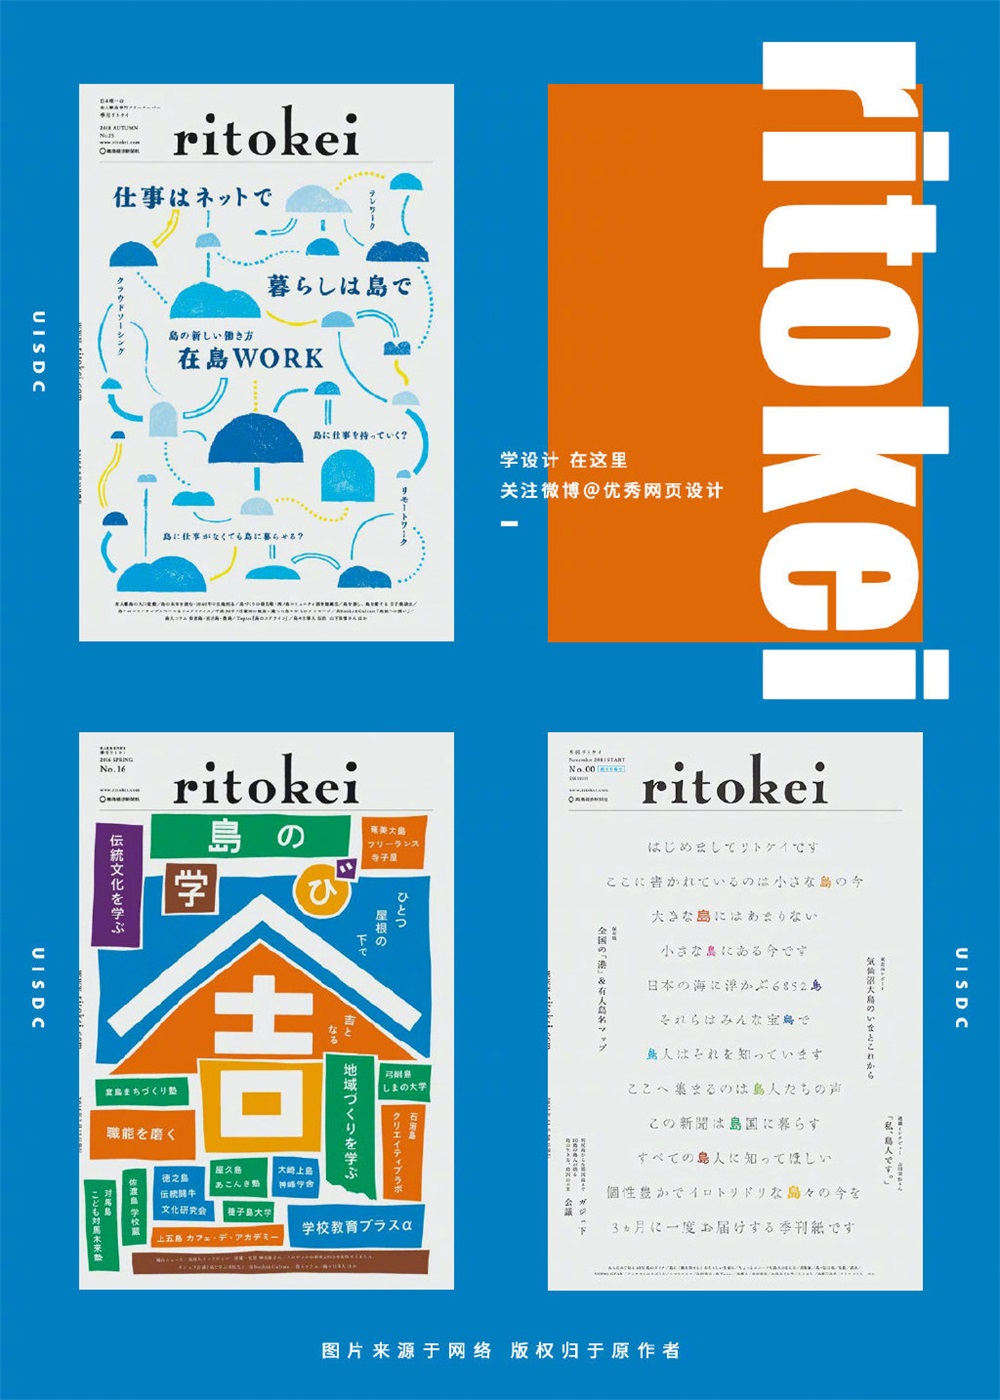 9组 ritokei 杂志的封面插画